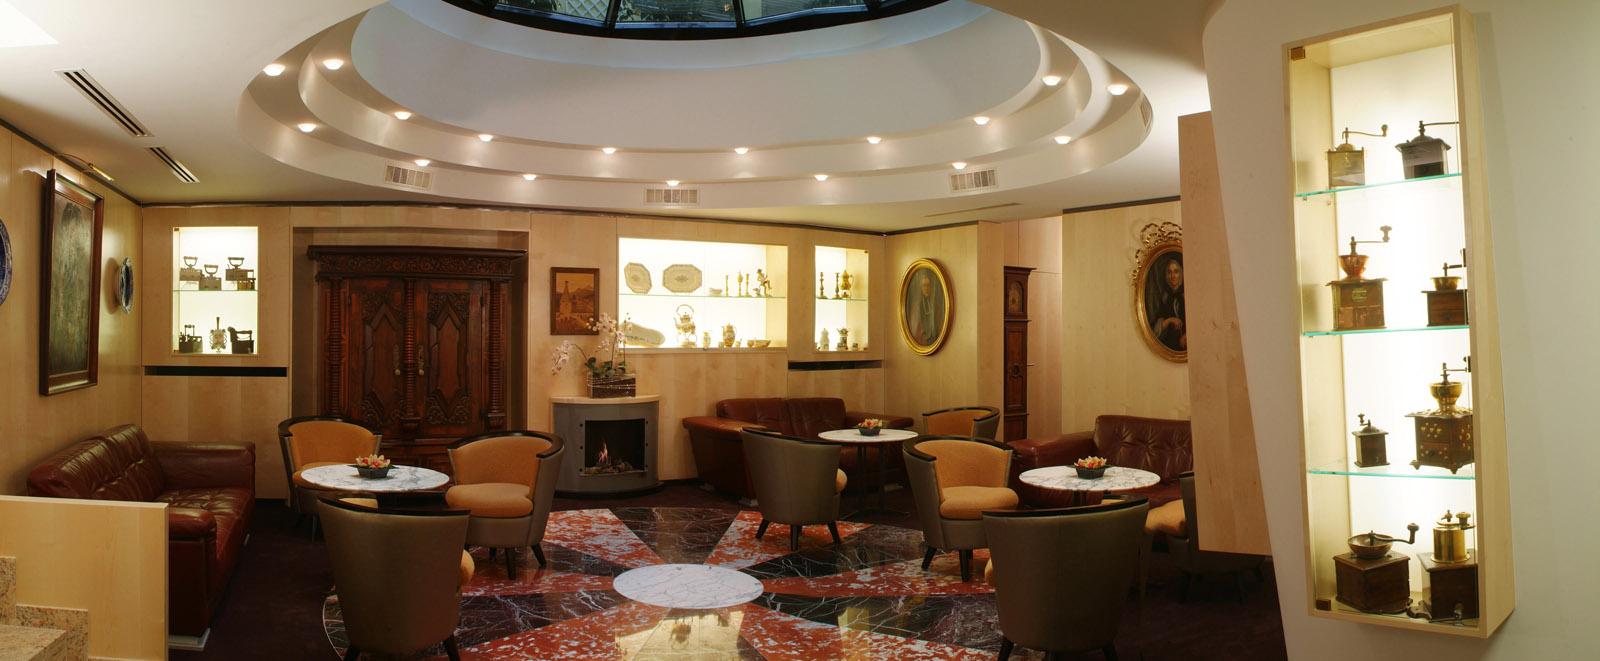 salons et bar - hotel strasbourg centre proche gare - 4* - best